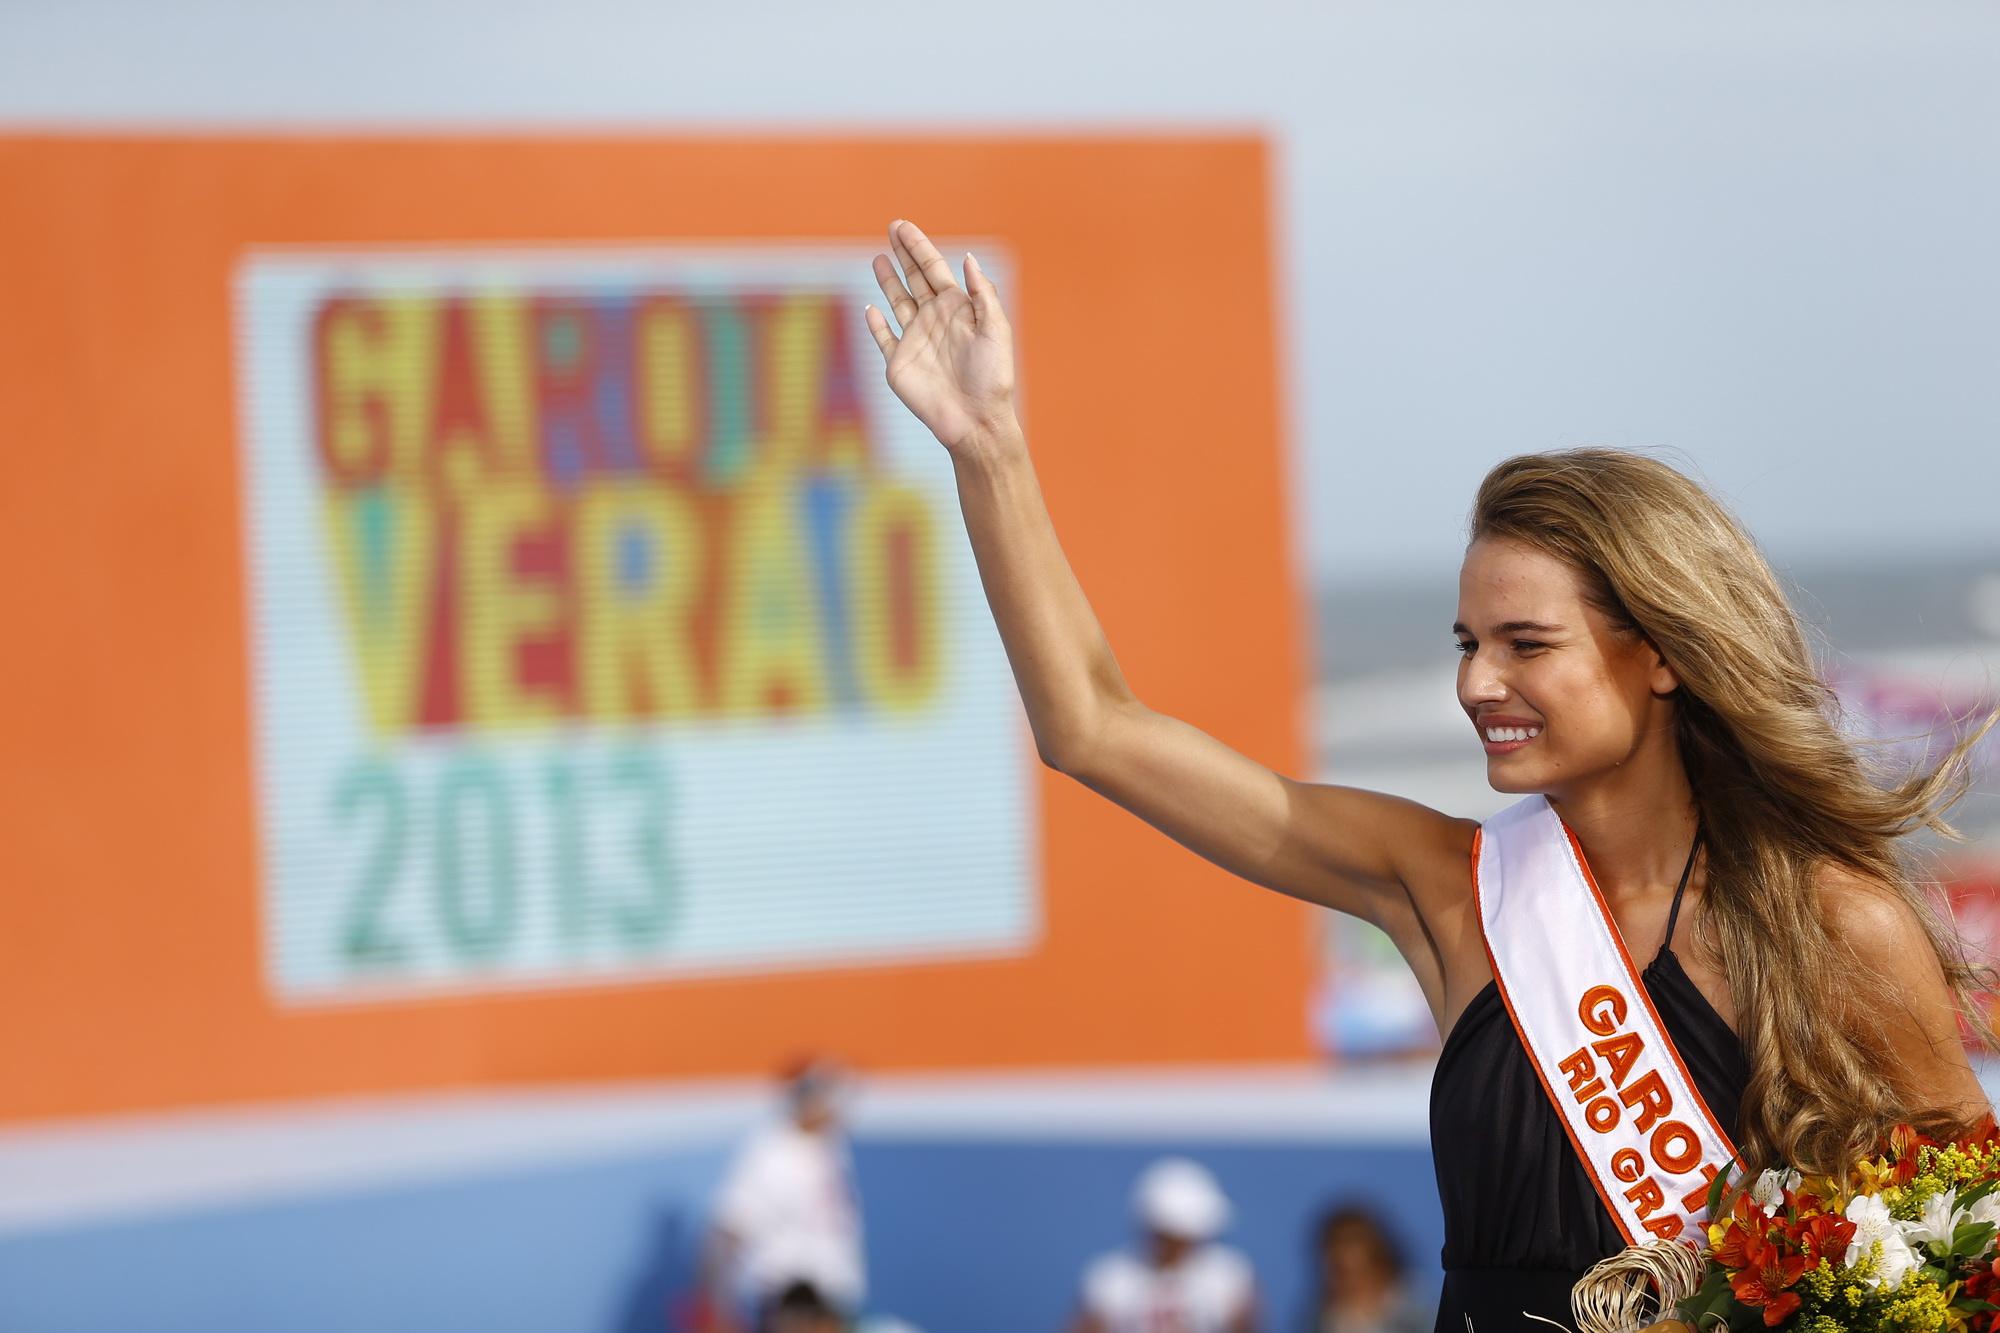 Candidata Caroline Escouto, de Lajeado, é eleita a Garota Verão em Capão da Canoa